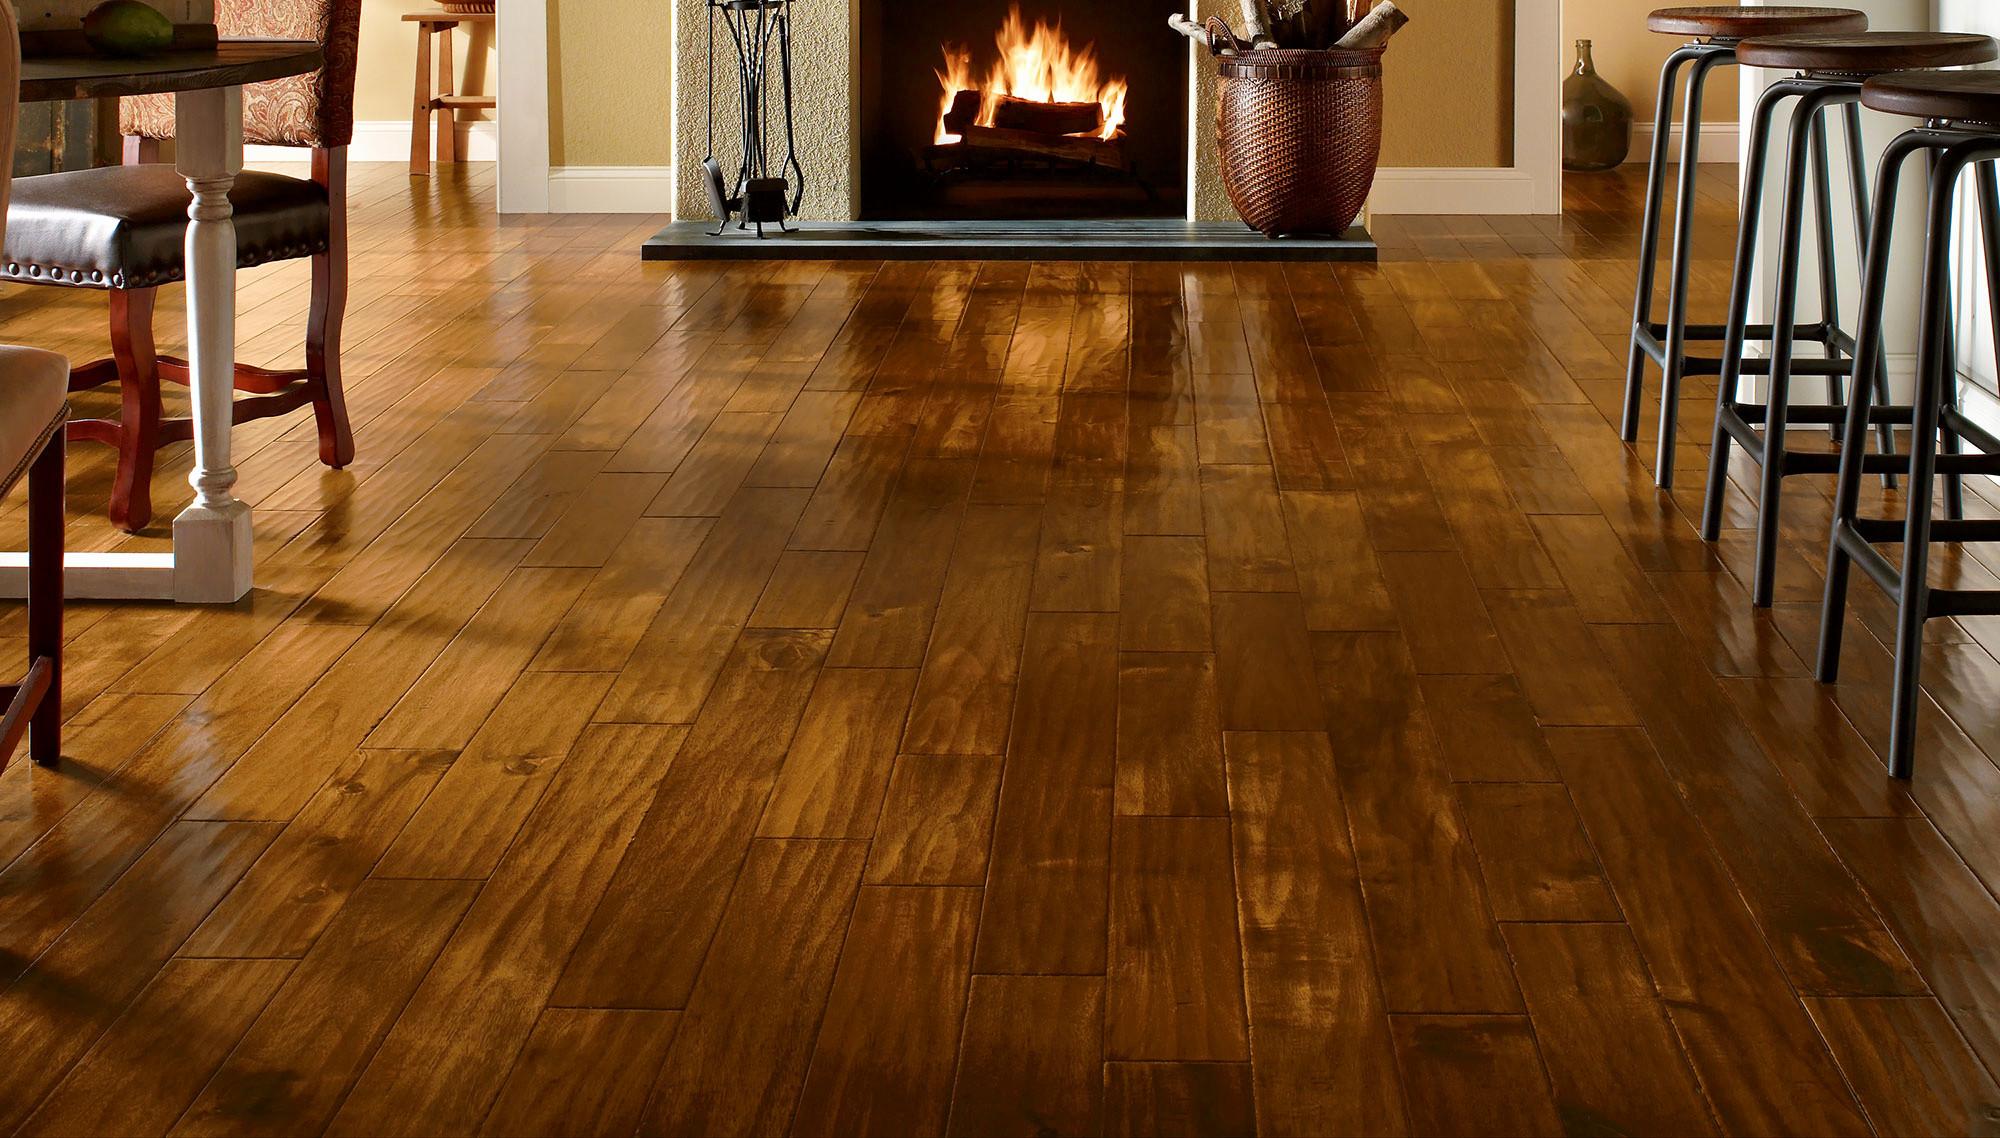 cheap hardwood flooring canada of hardwoodfloor low voc canada archives wlcu for hardwood floor designs best of appealing discount hardwood flooring 1 big kitchen floor hardwood floor